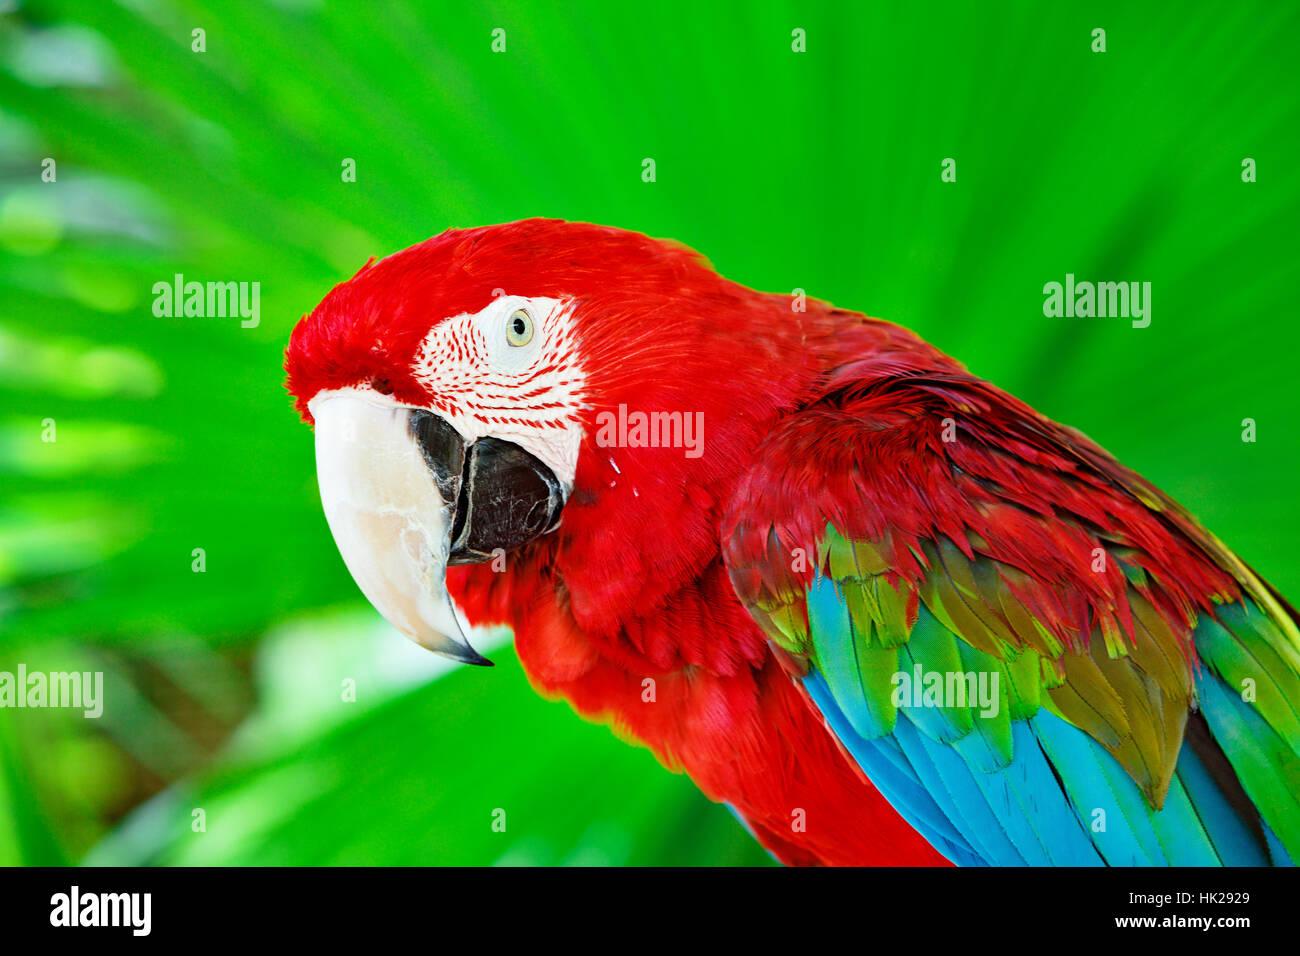 portr t von roter ara papagei gegen dschungel papagei kopf auf gr nem hintergrund natur. Black Bedroom Furniture Sets. Home Design Ideas